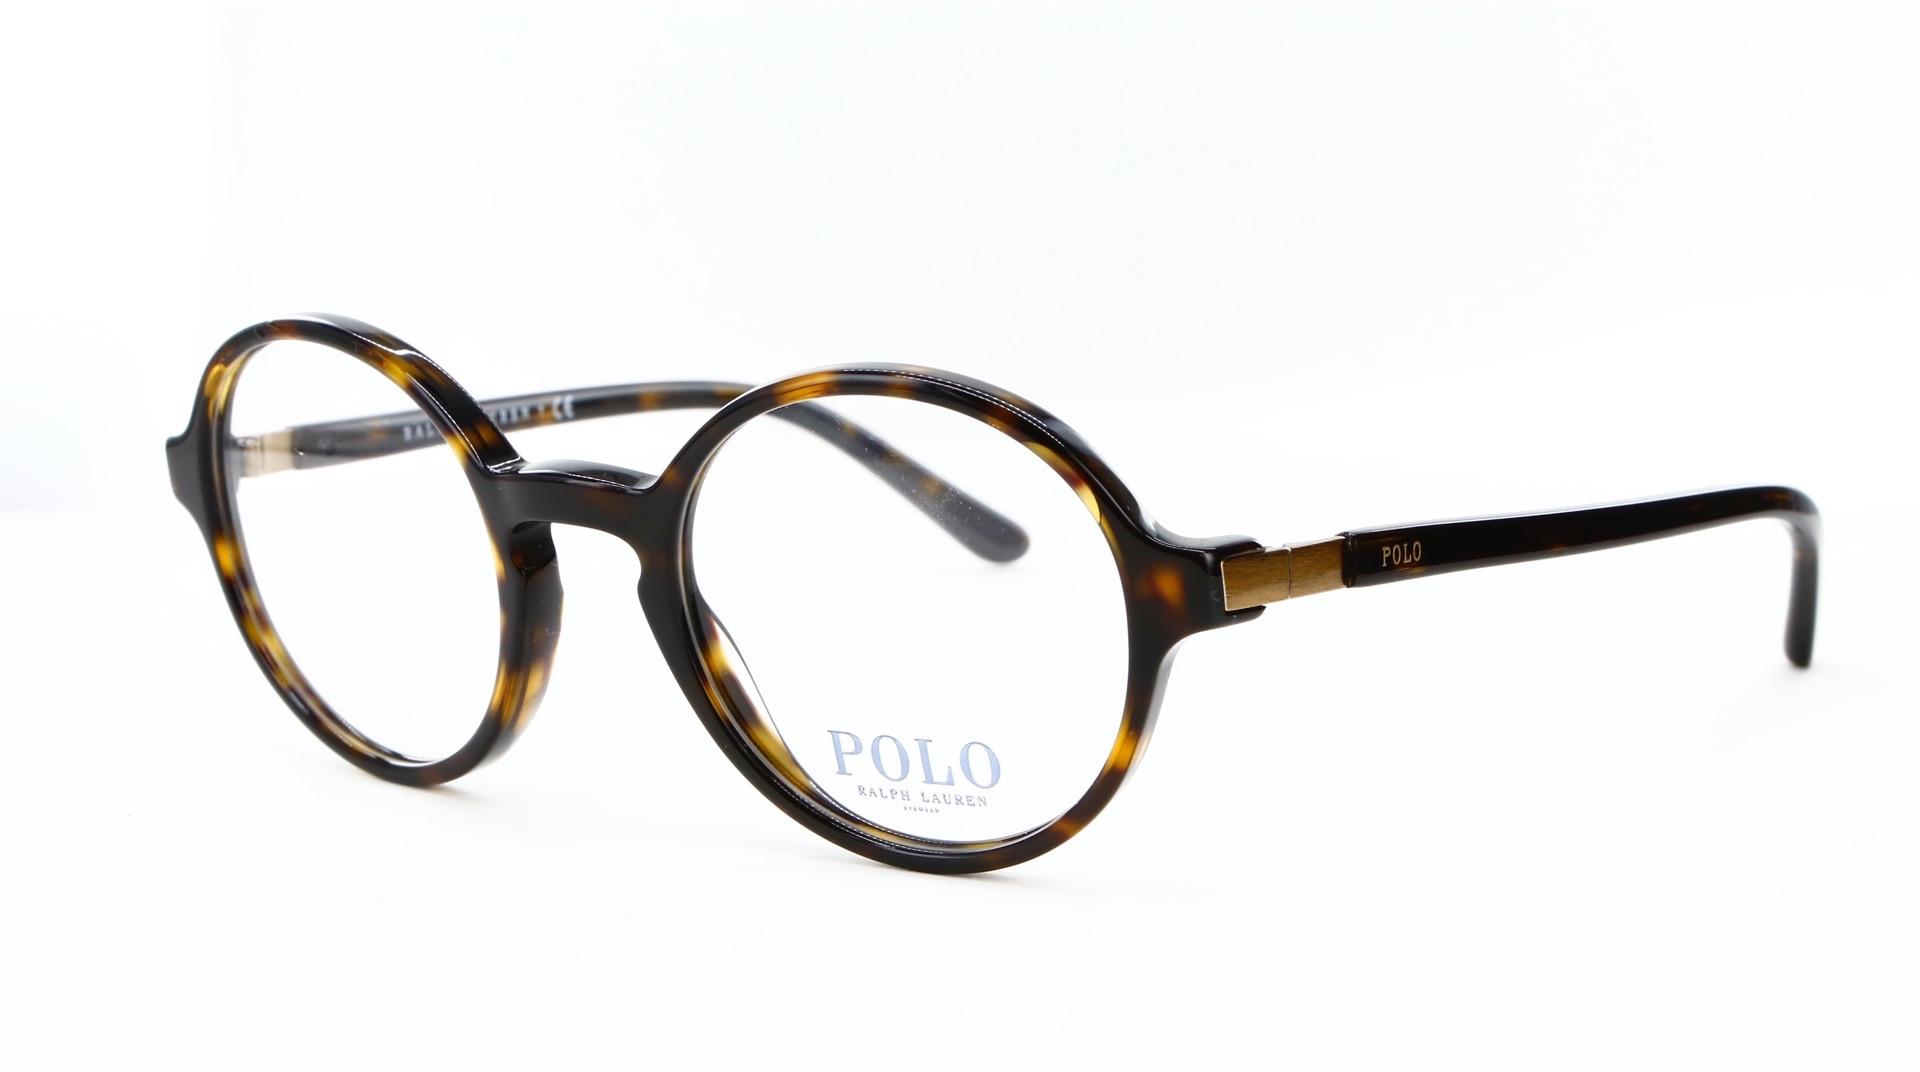 Polo Ralph Lauren - ref: 80763